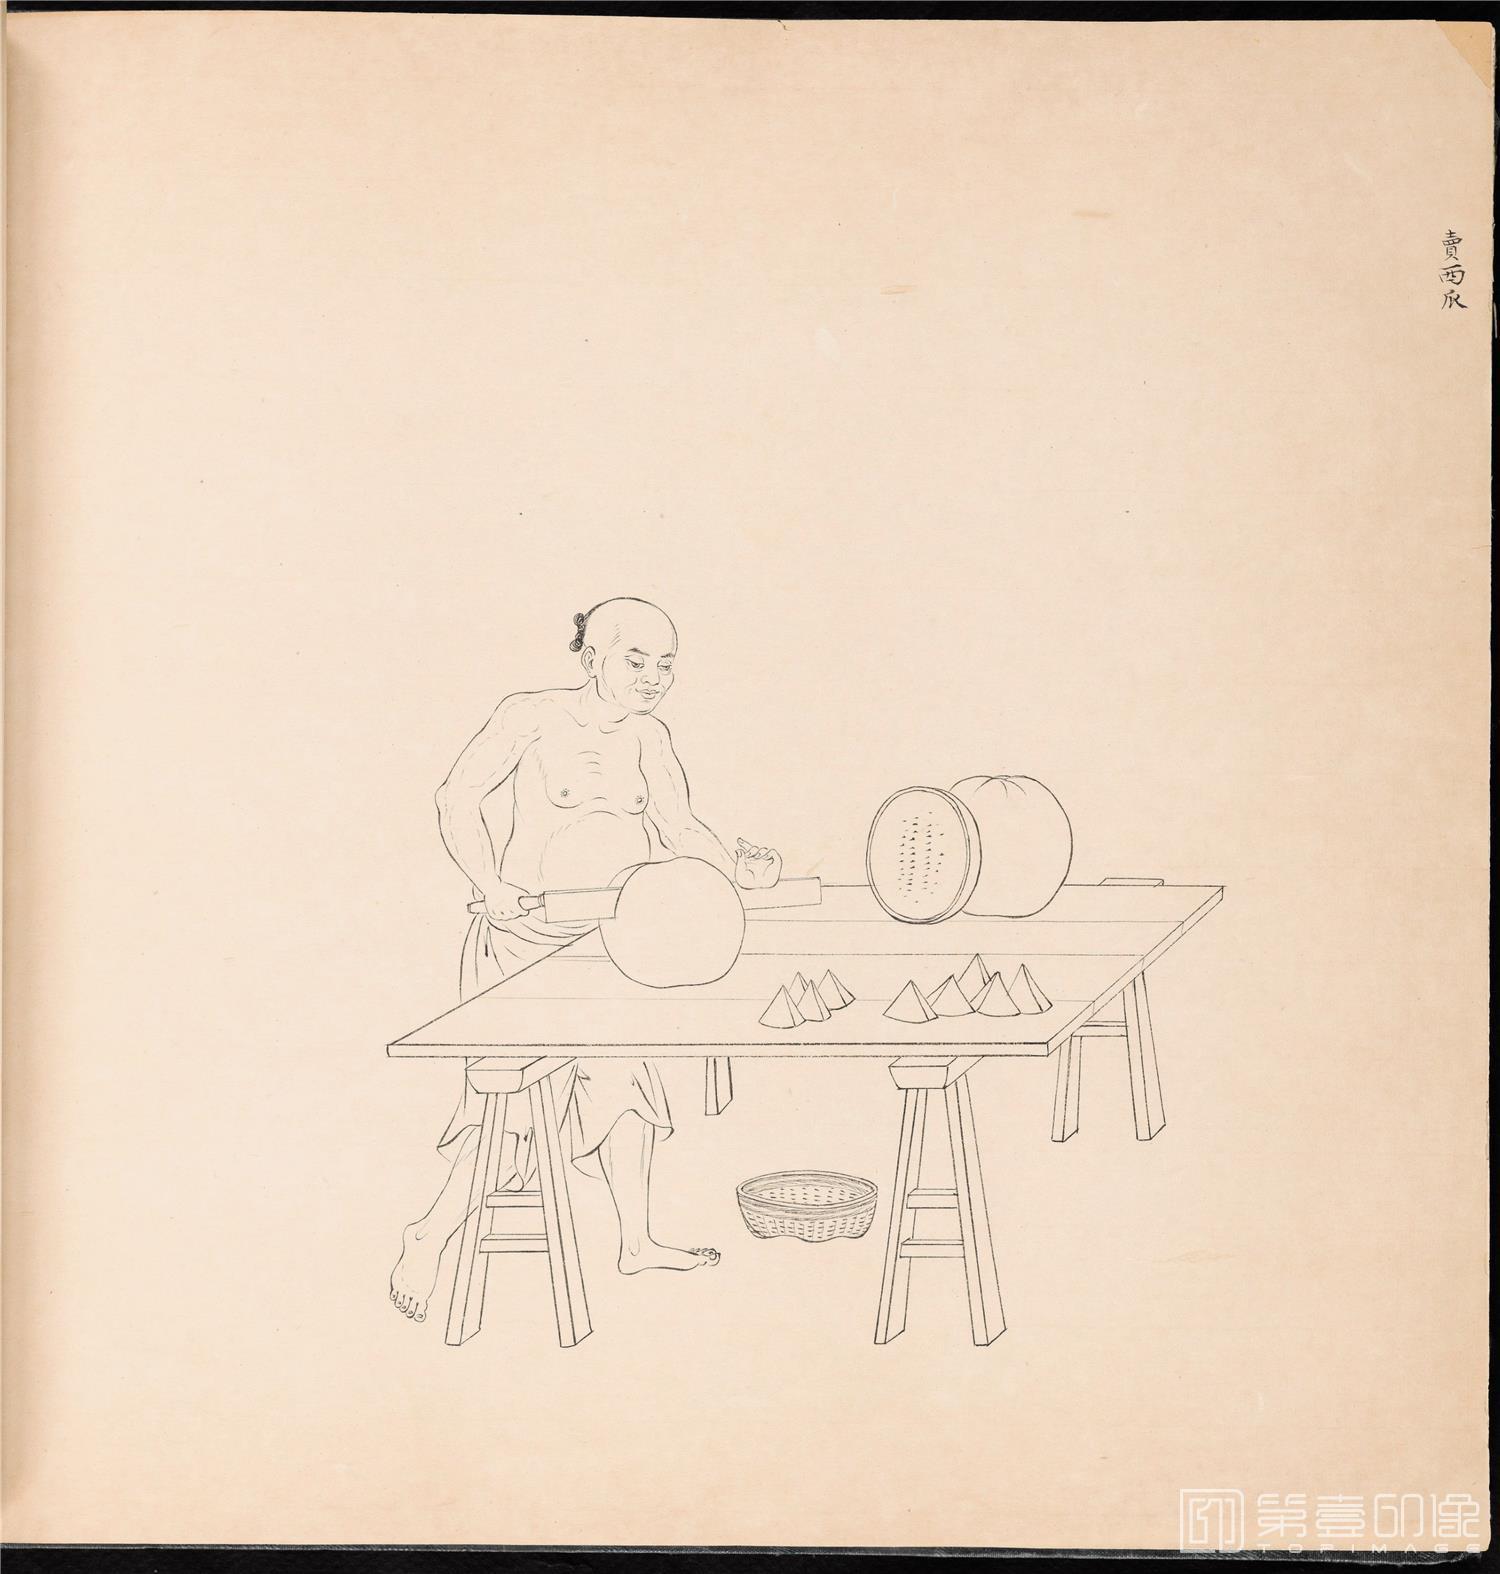 素描-清 佚名 白描街头买卖画册 纸本-006-39x42cm